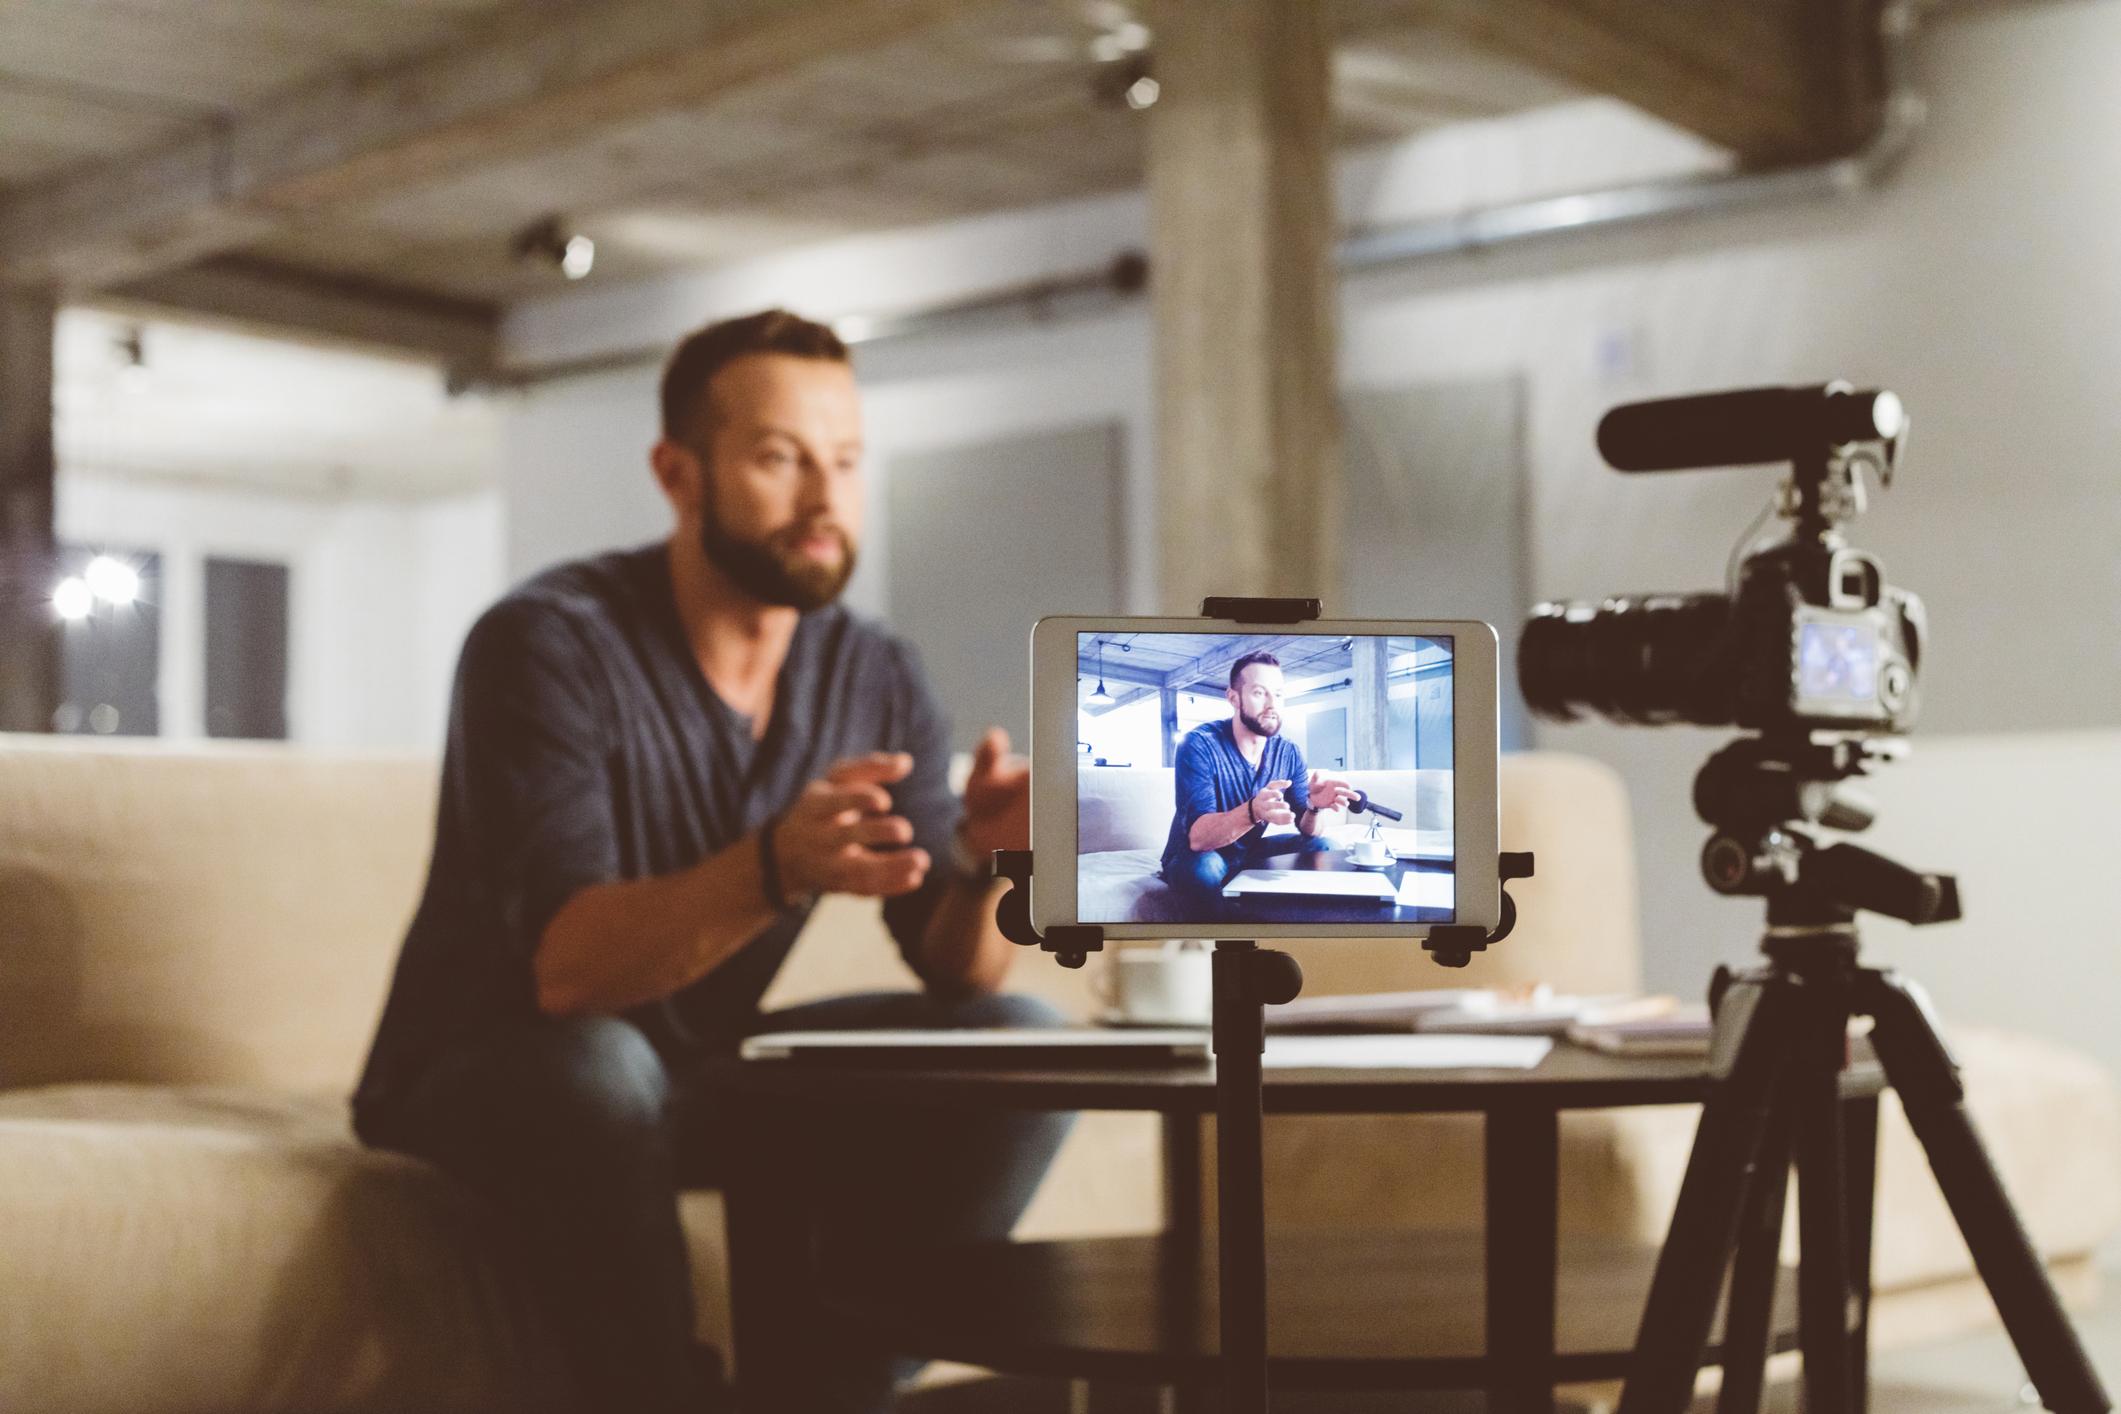 Como trabalhar vídeo marketing com pouco dinheiro